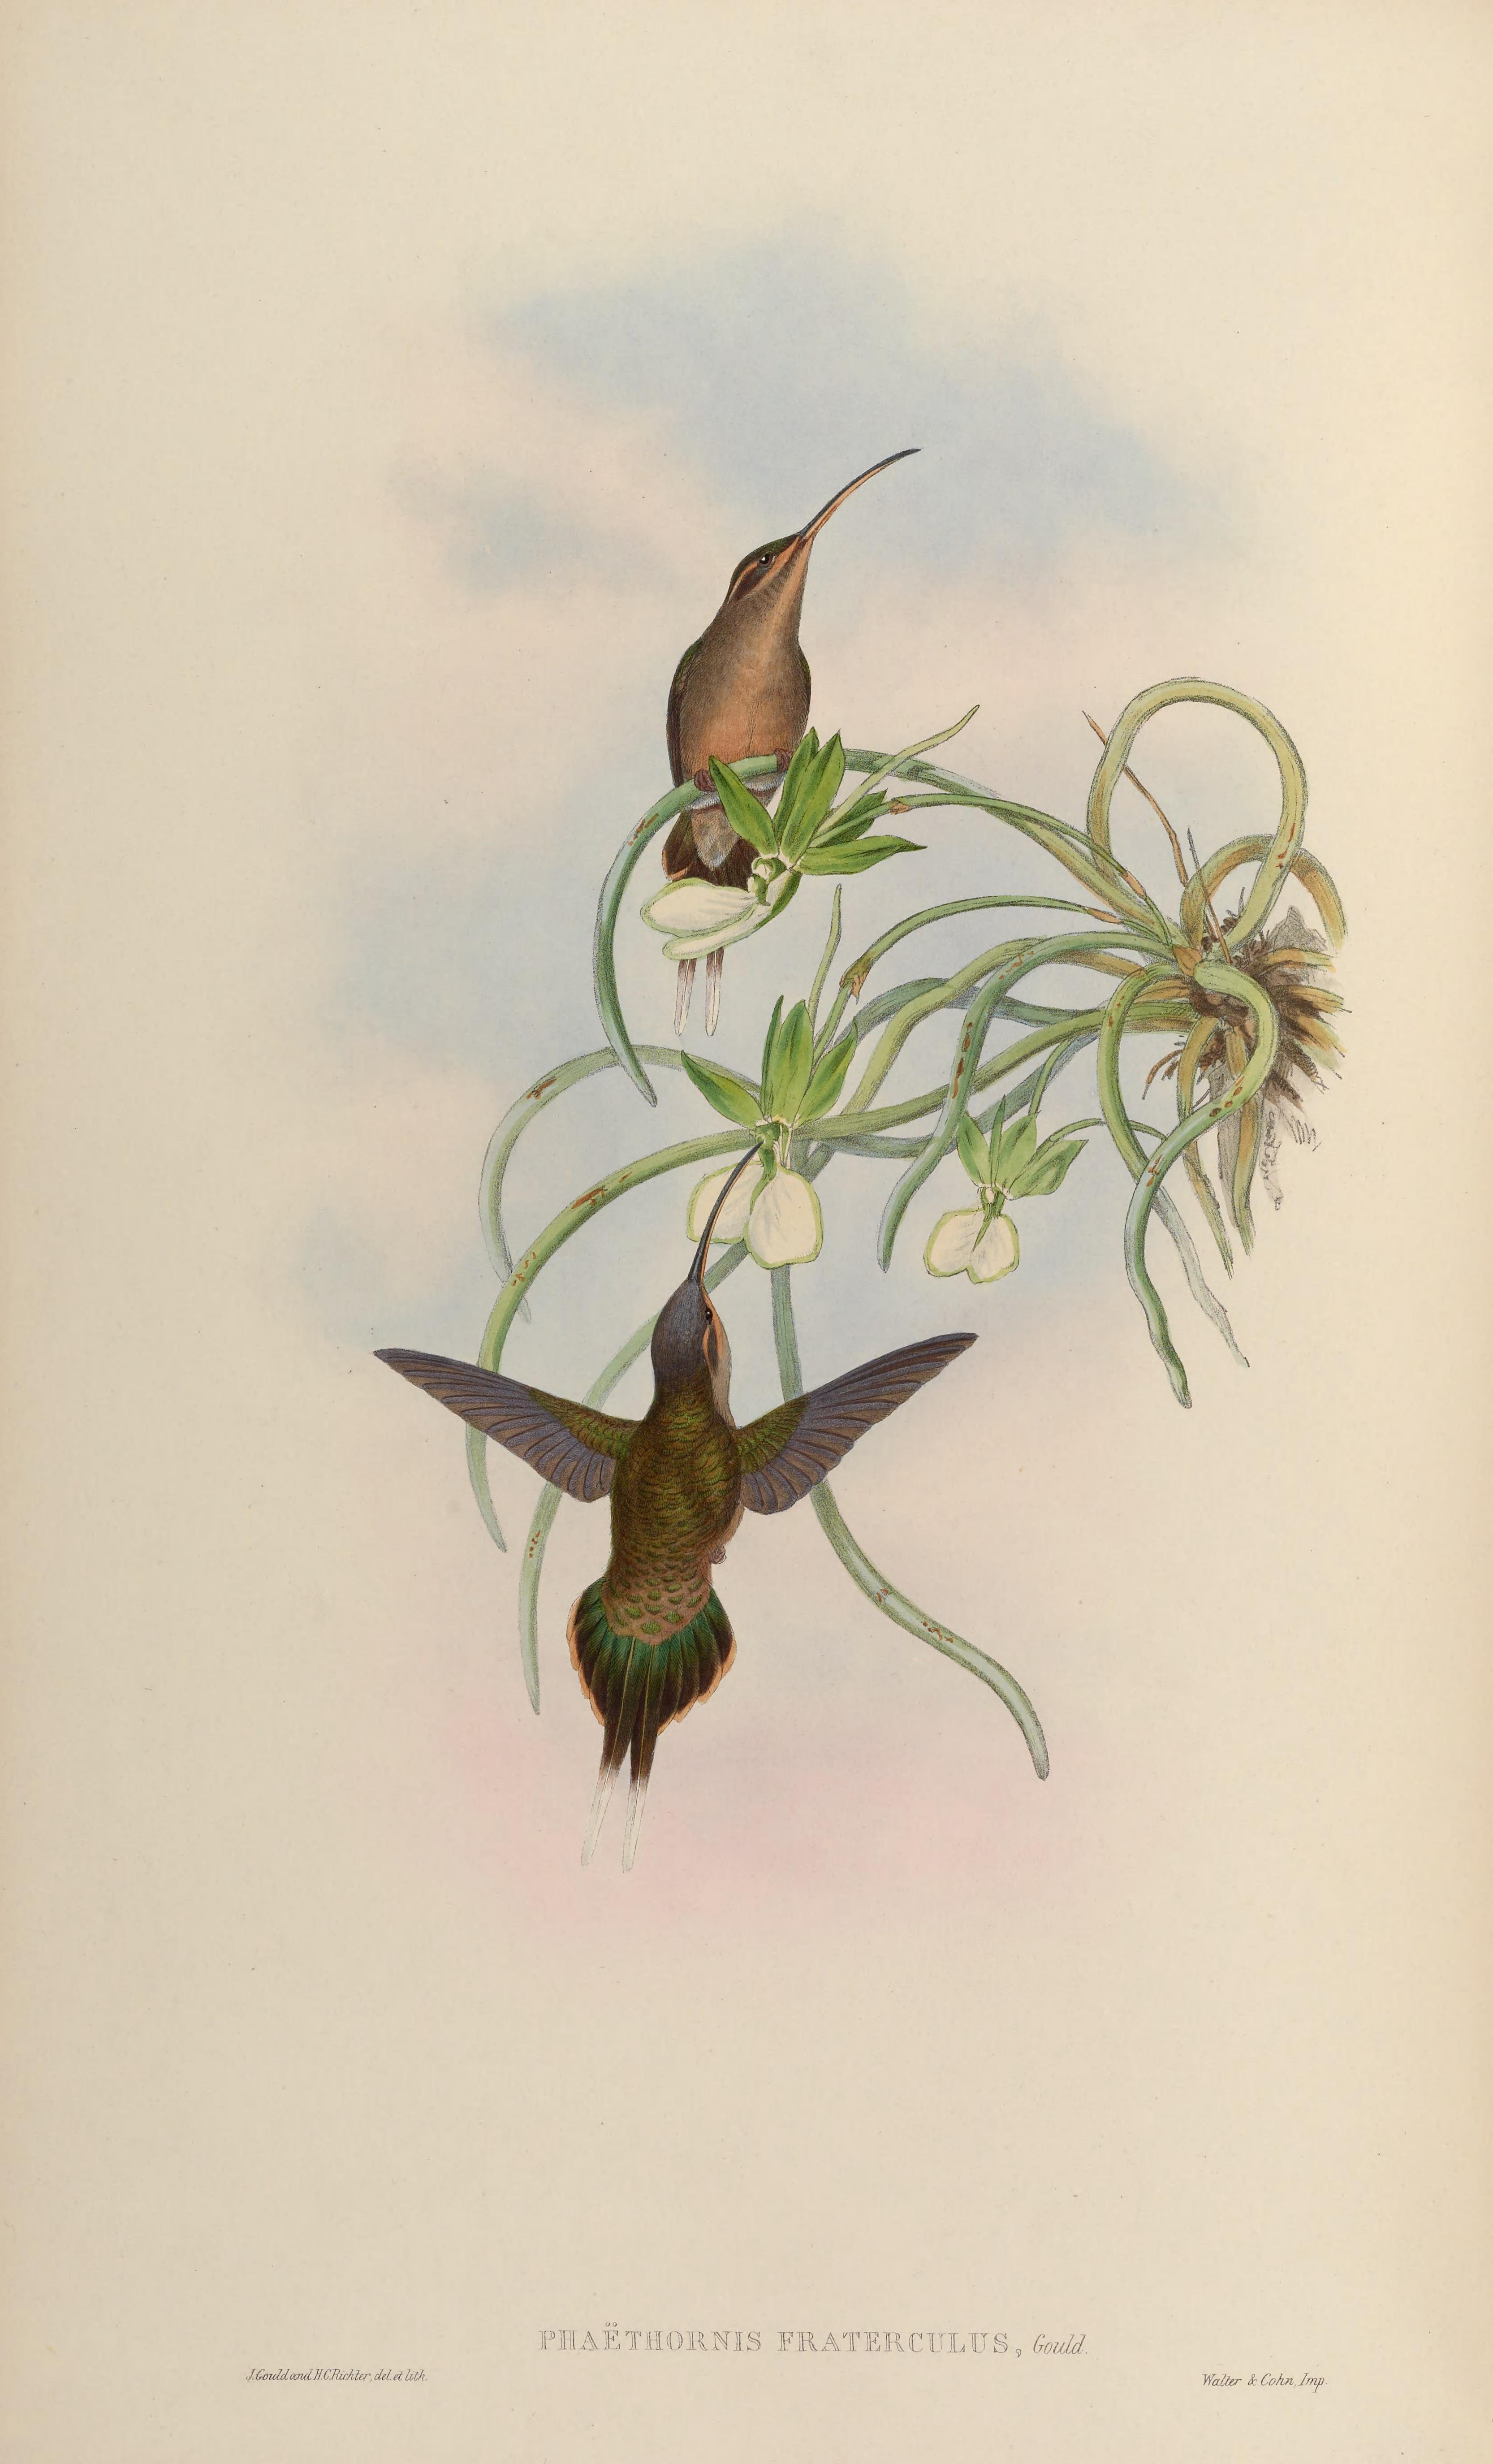 Солнечный колибри (длиннохвостый колибри-отшельник) фото